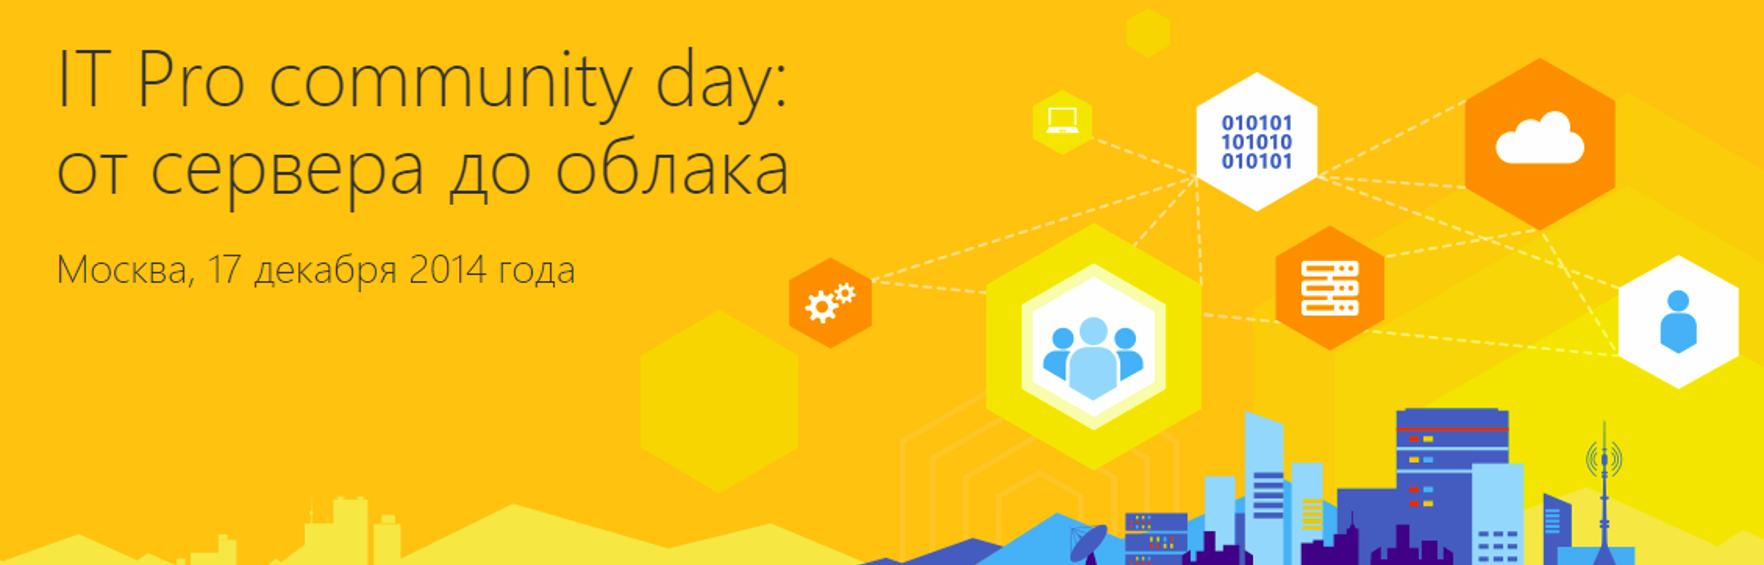 IT Pro Community Day 17 декабря: от сервера до облака - 1